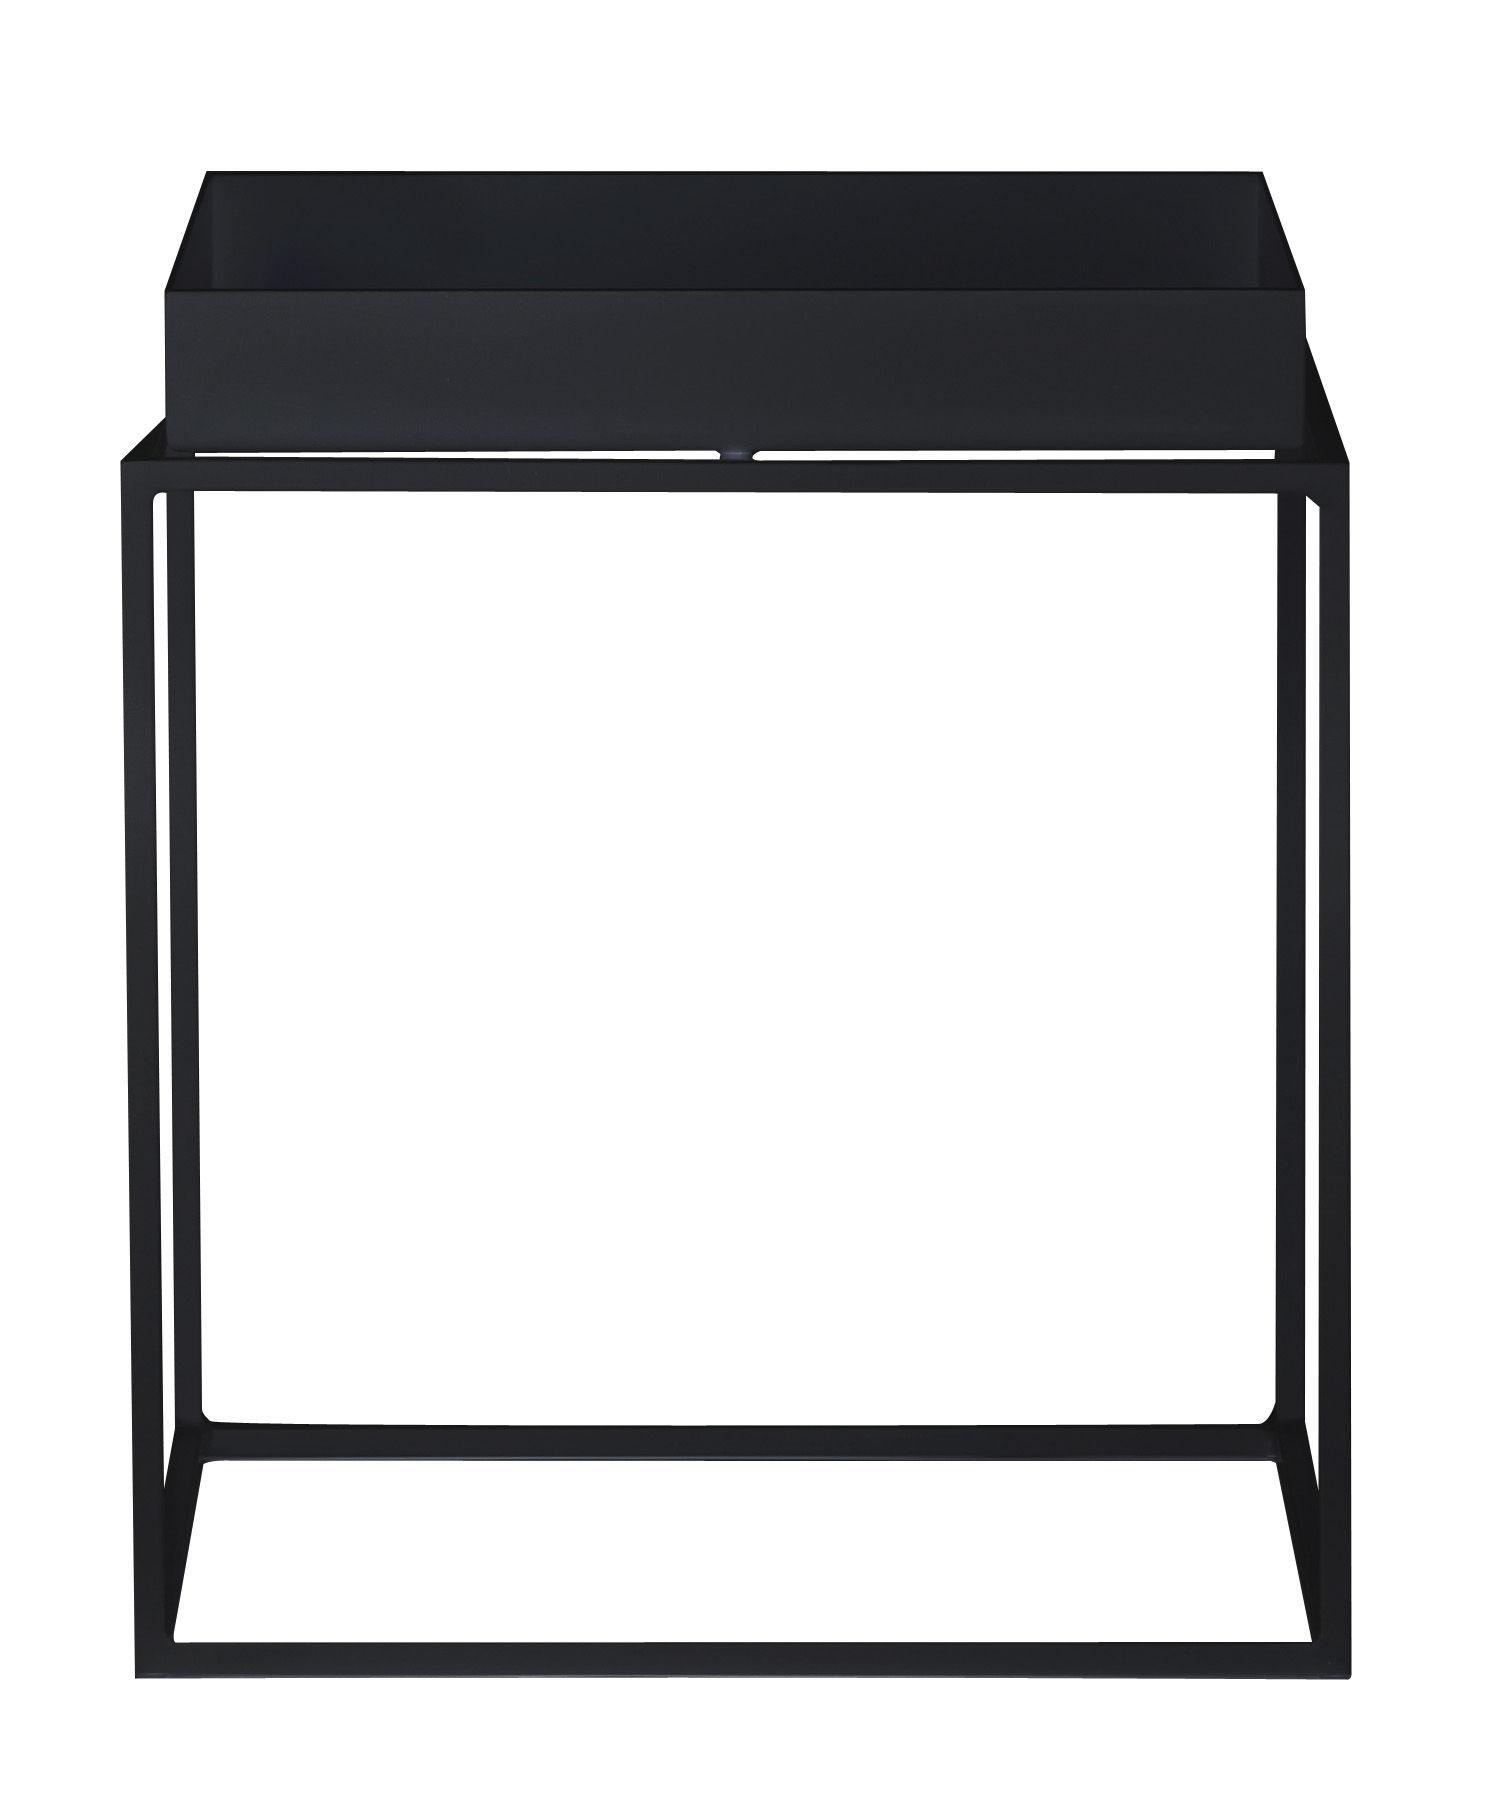 Arredamento - Tavolini  - Tavolino Tray - h 30 cm - 30 x 30 cm di Hay - Nero - Acciaio laccato